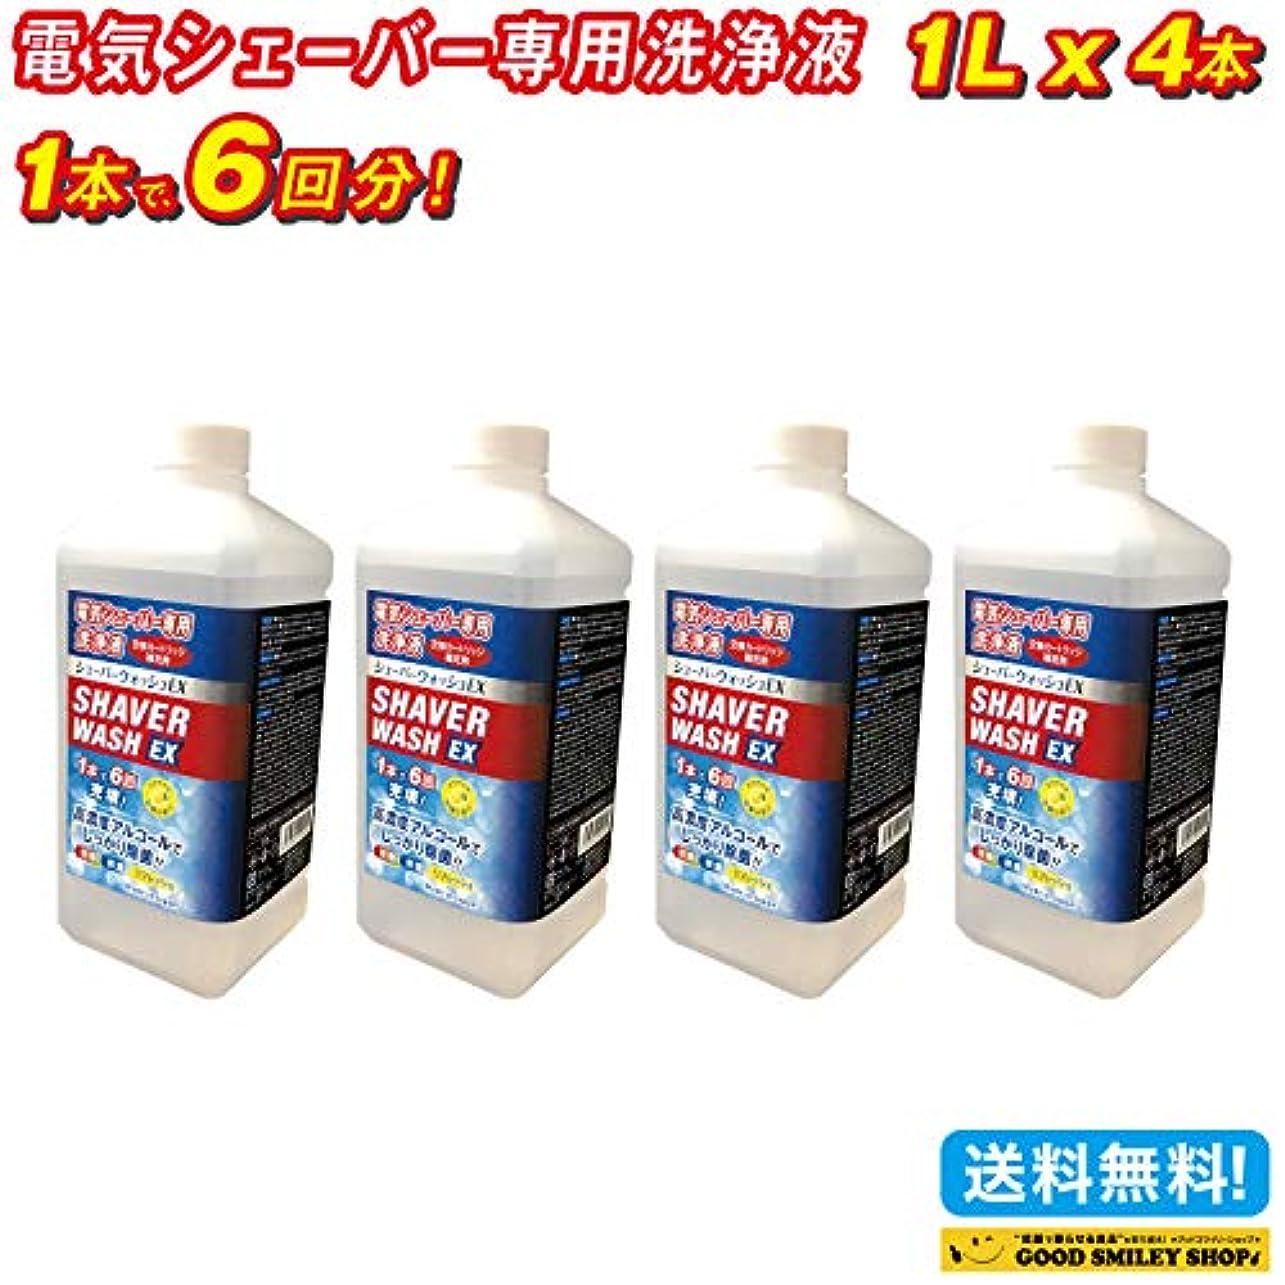 リーズ結晶兵器庫シェーバーウォッシュEX ブラウン 電気シェーバー クリーン&リニューシステム専用 洗浄液 1Lx4本 約24回分